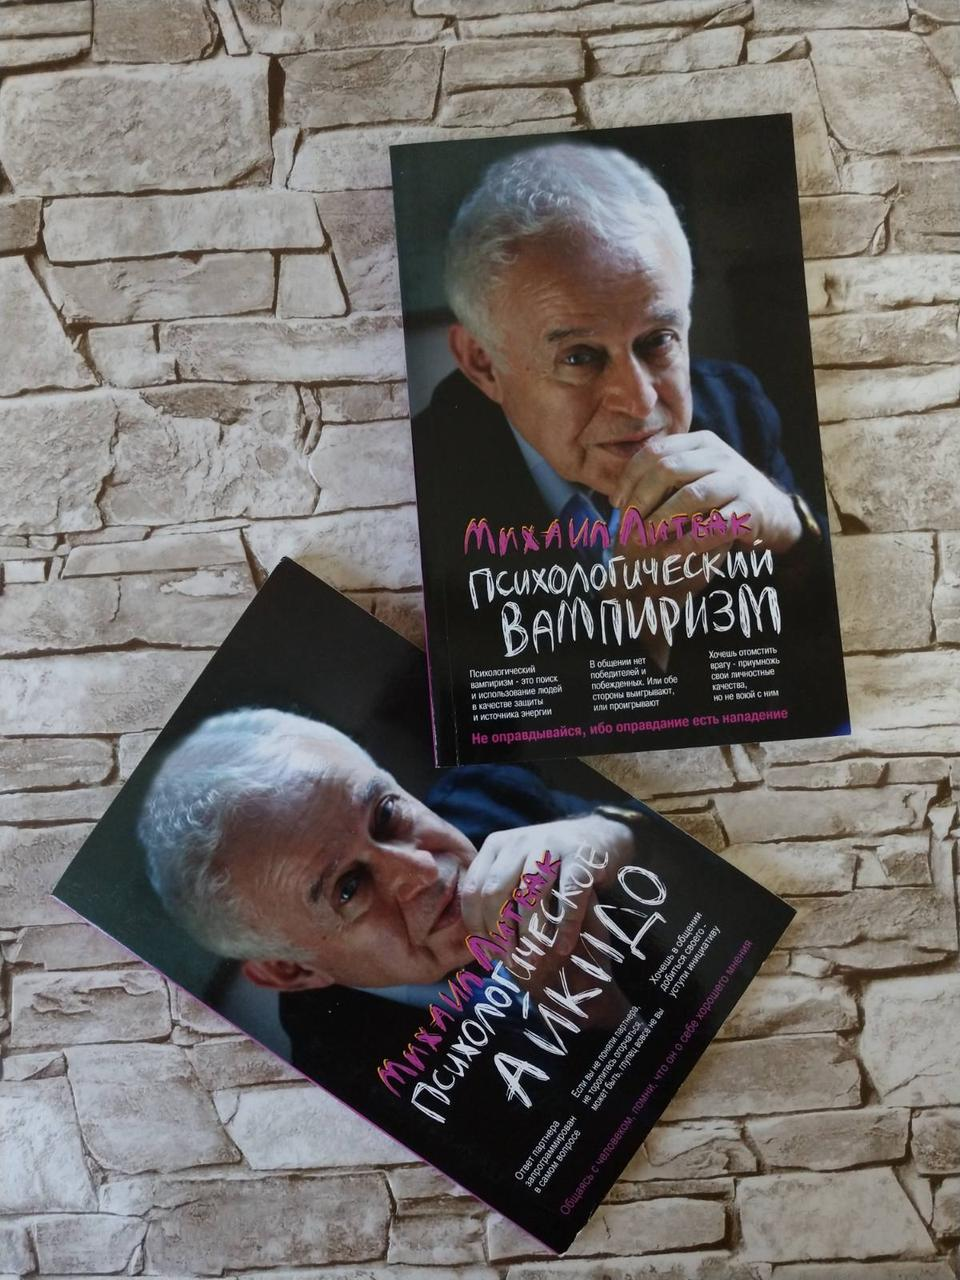 """Набір книг """"Психологічне айкідо"""", """"Психологічний вампіризм"""" М. Литвак"""